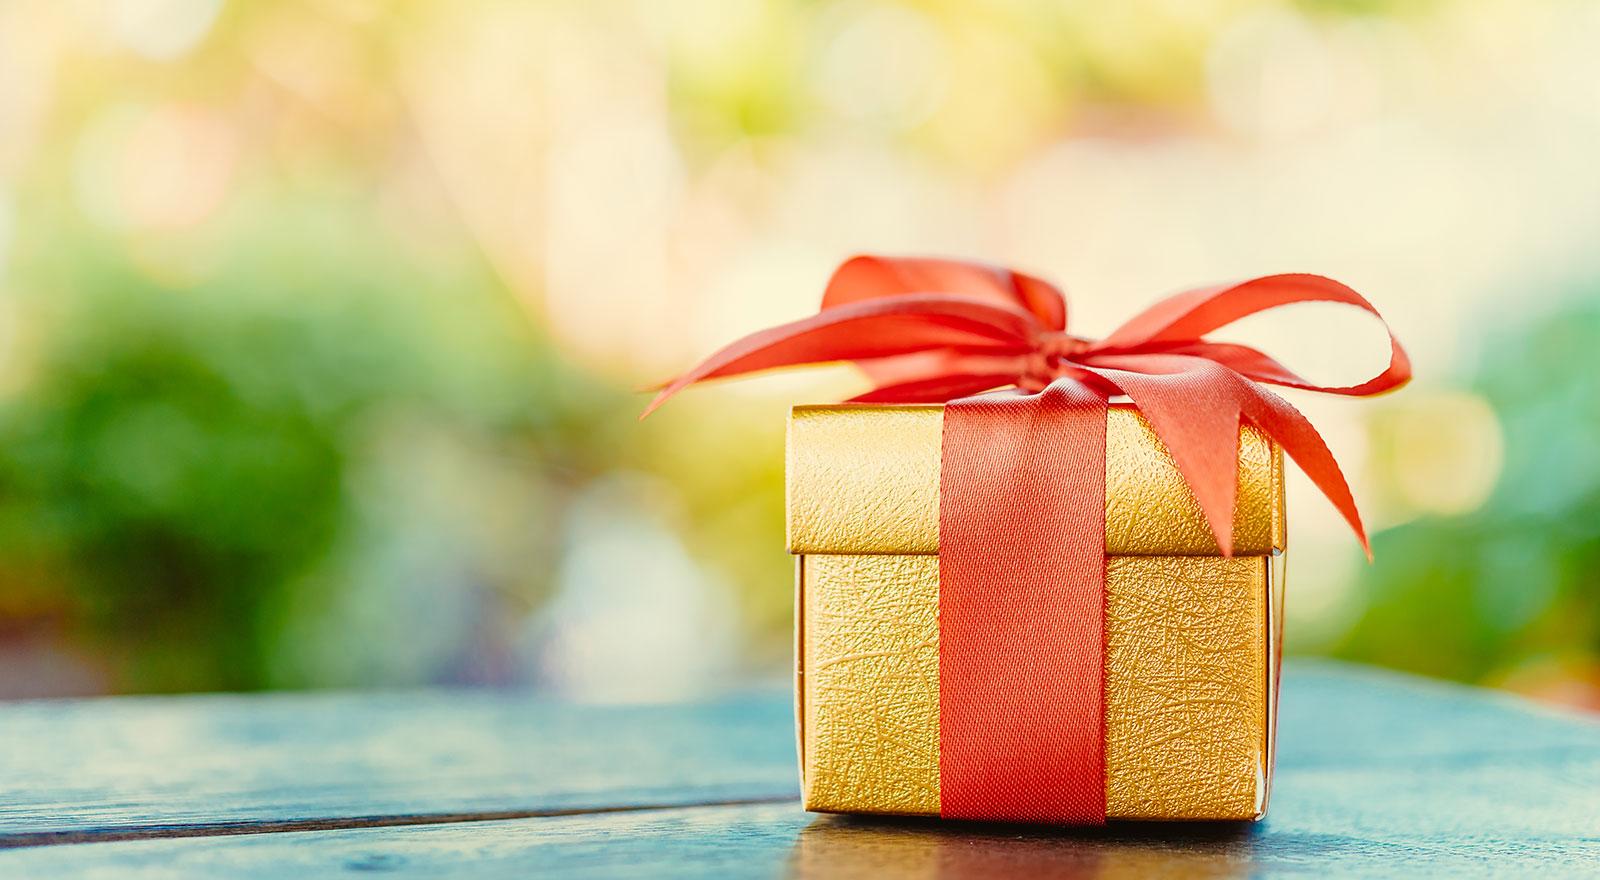 Idee regalo di benessere hotel colbricon beauty relax for Pacchetti soggiorno regalo